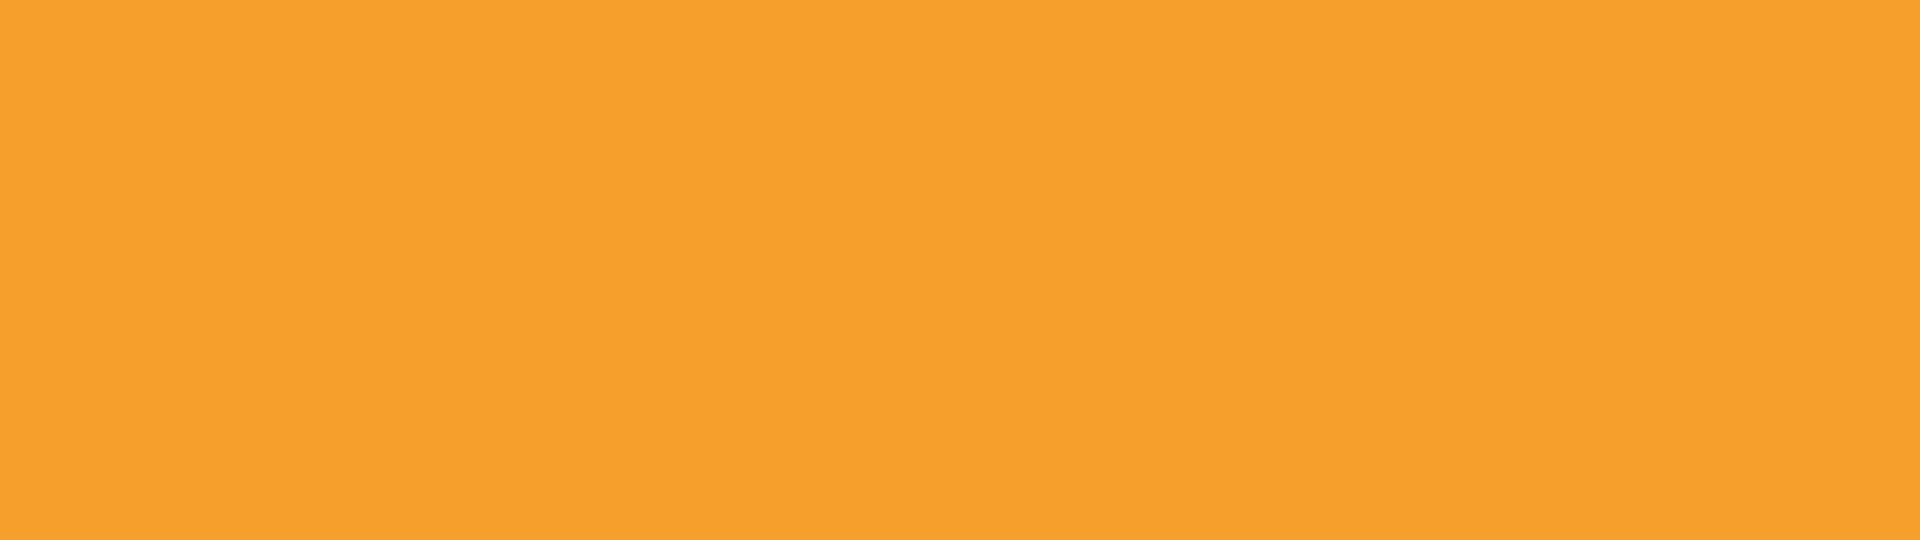 CATEGORY-MDA-PISIRMEGRUBUSEPETTE10INDIRIMLI-04-12